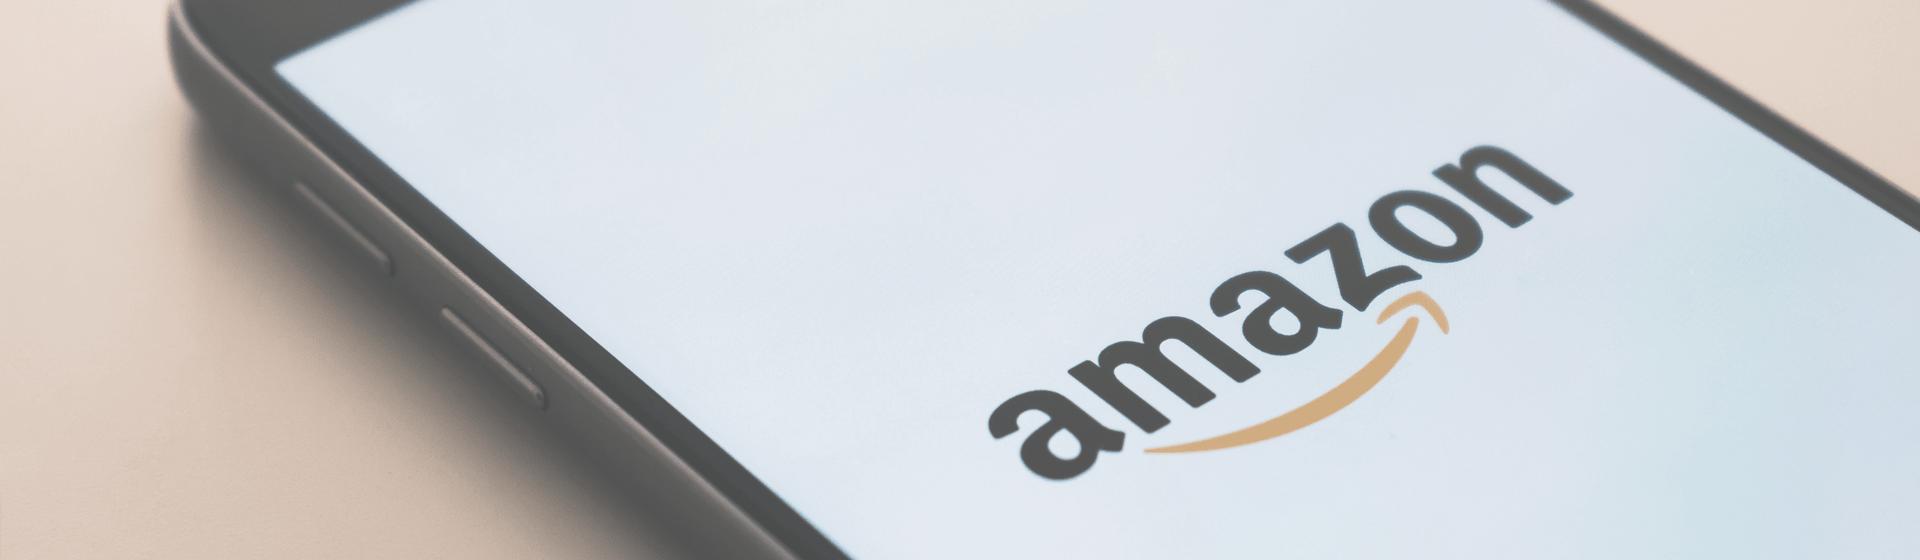 Amazon Dash-Button ist offiziell illegal!